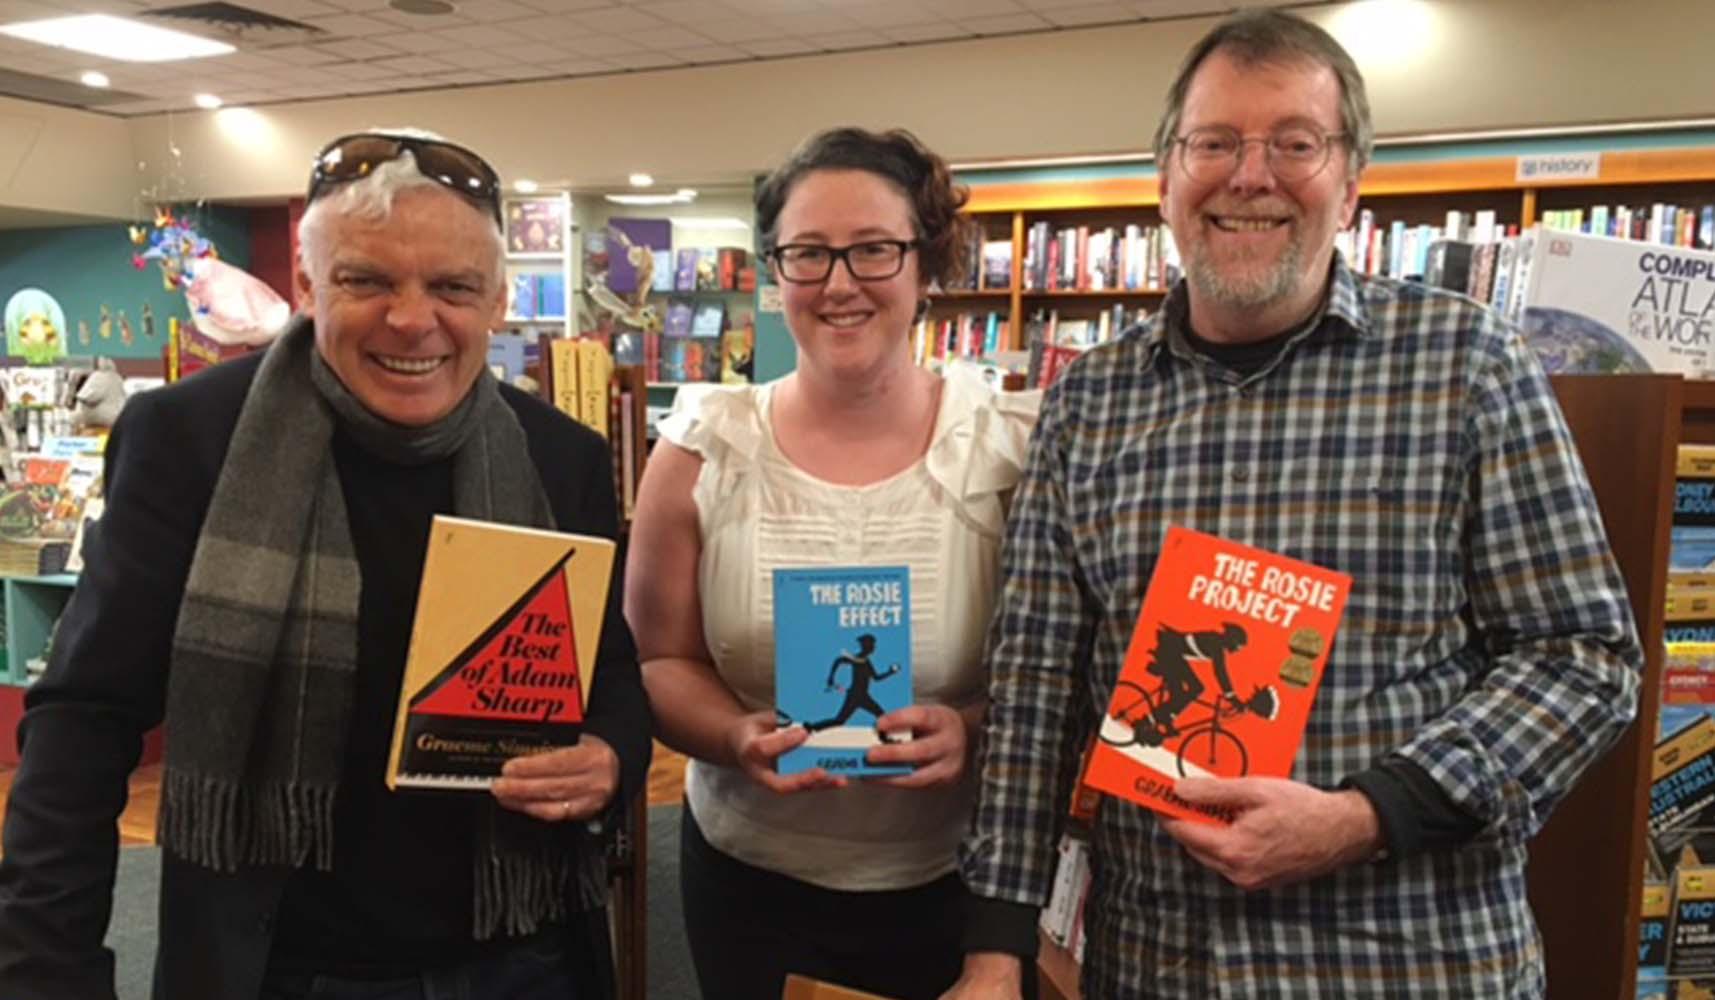 Graeme Simsion at Paperchain Bookstore